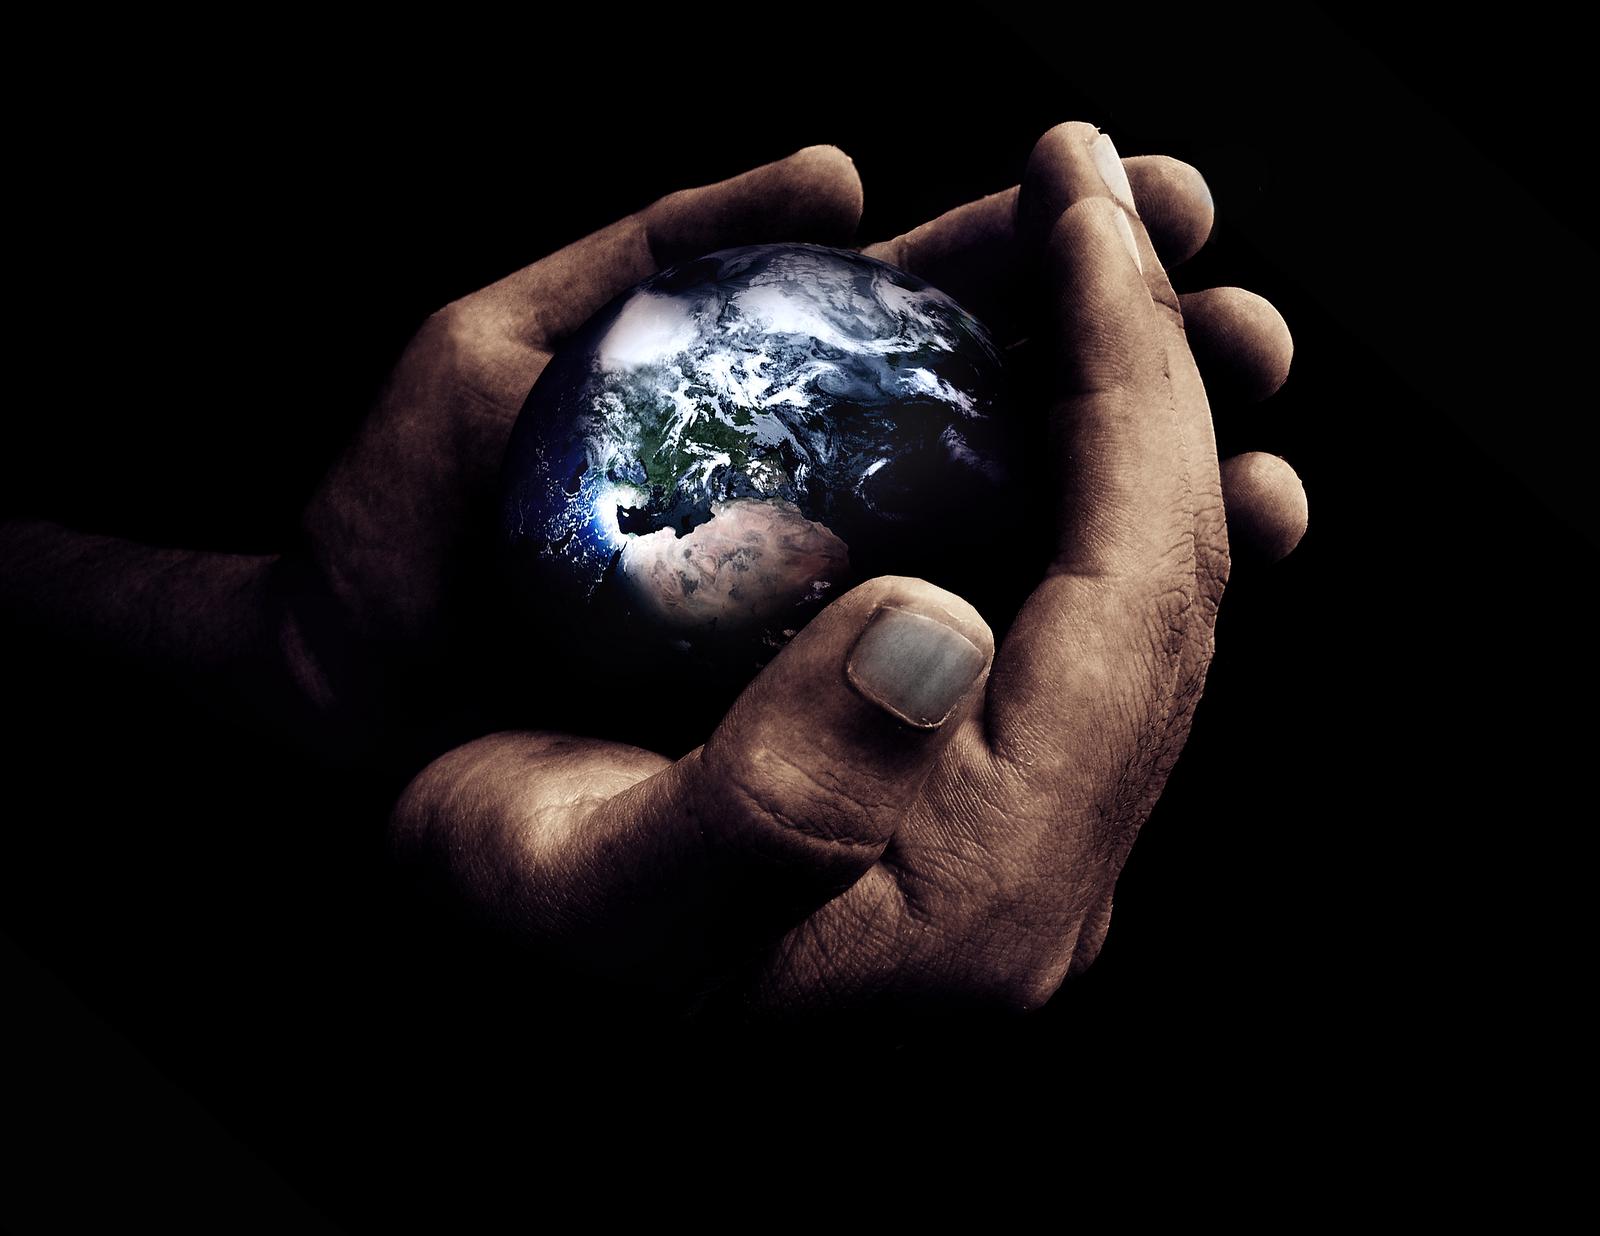 Deus criou o mundo como uma bola?